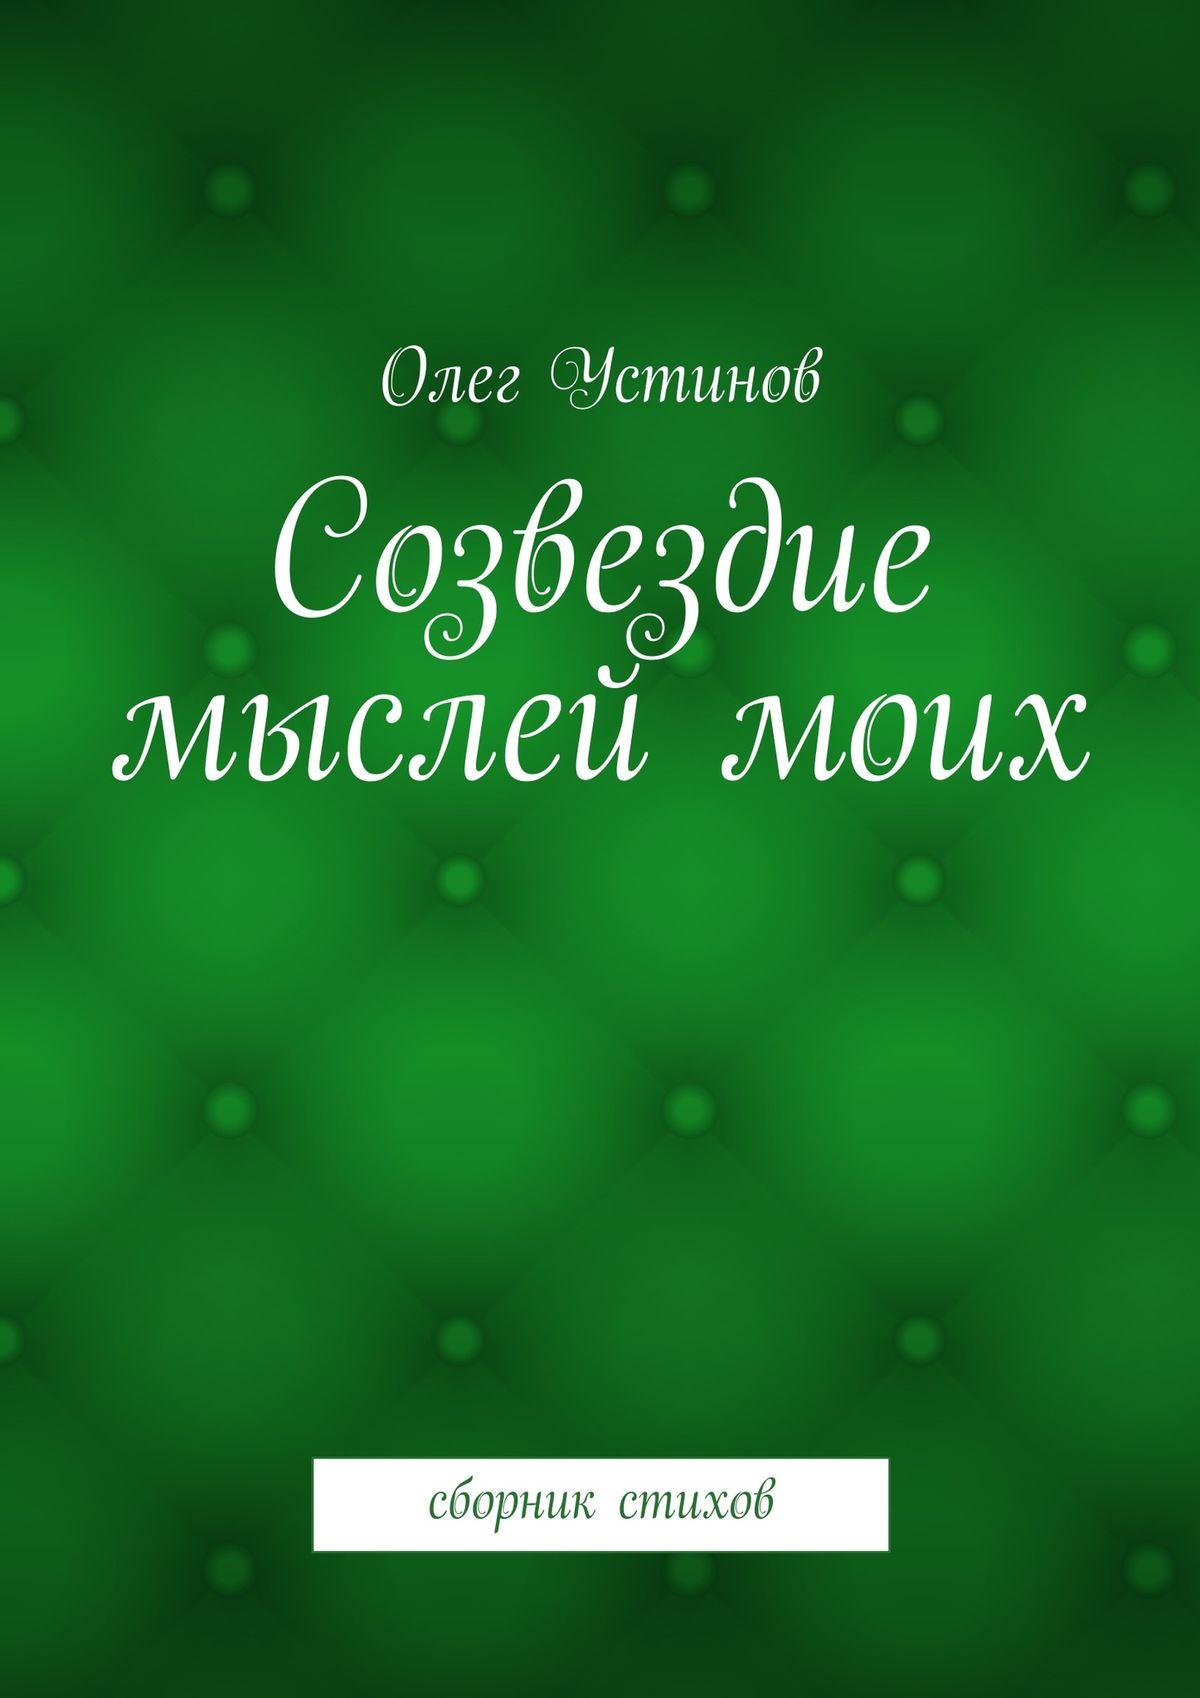 Олег Устинов Созвездие мыслеймоих. сборник стихов